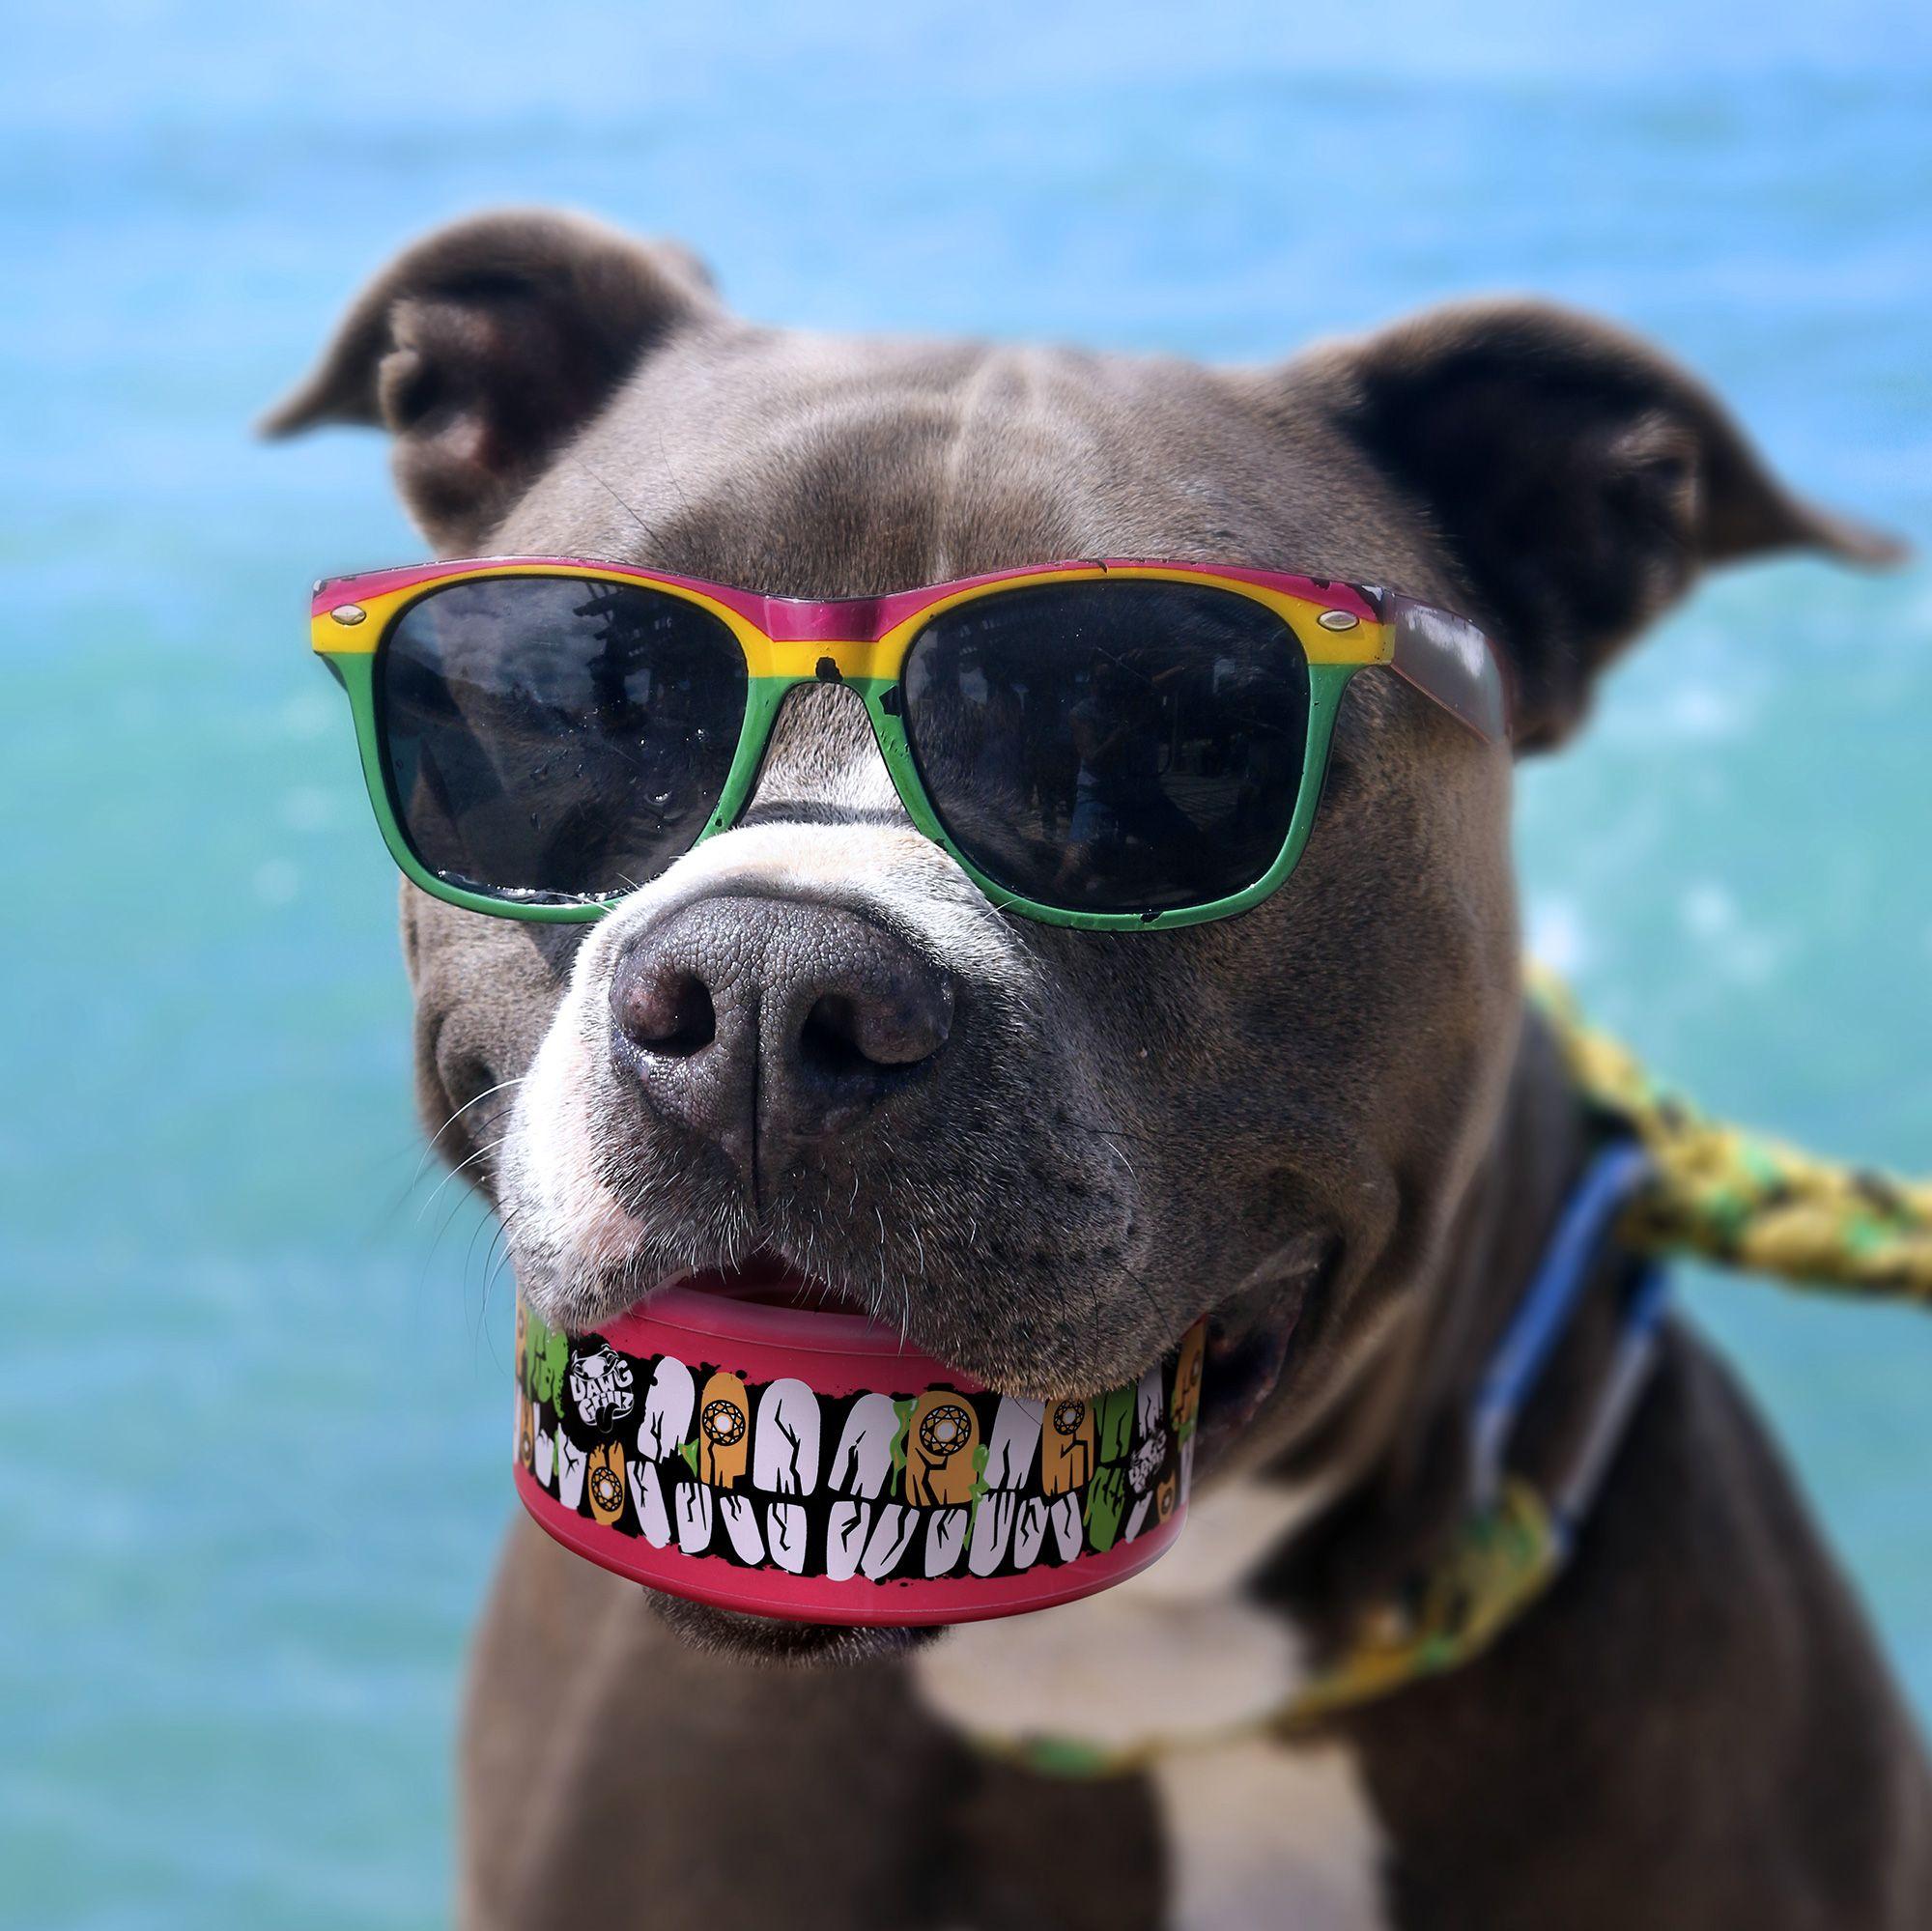 BIG GRILLZ Walking Dawg style Dawg Grillz Dog Toys